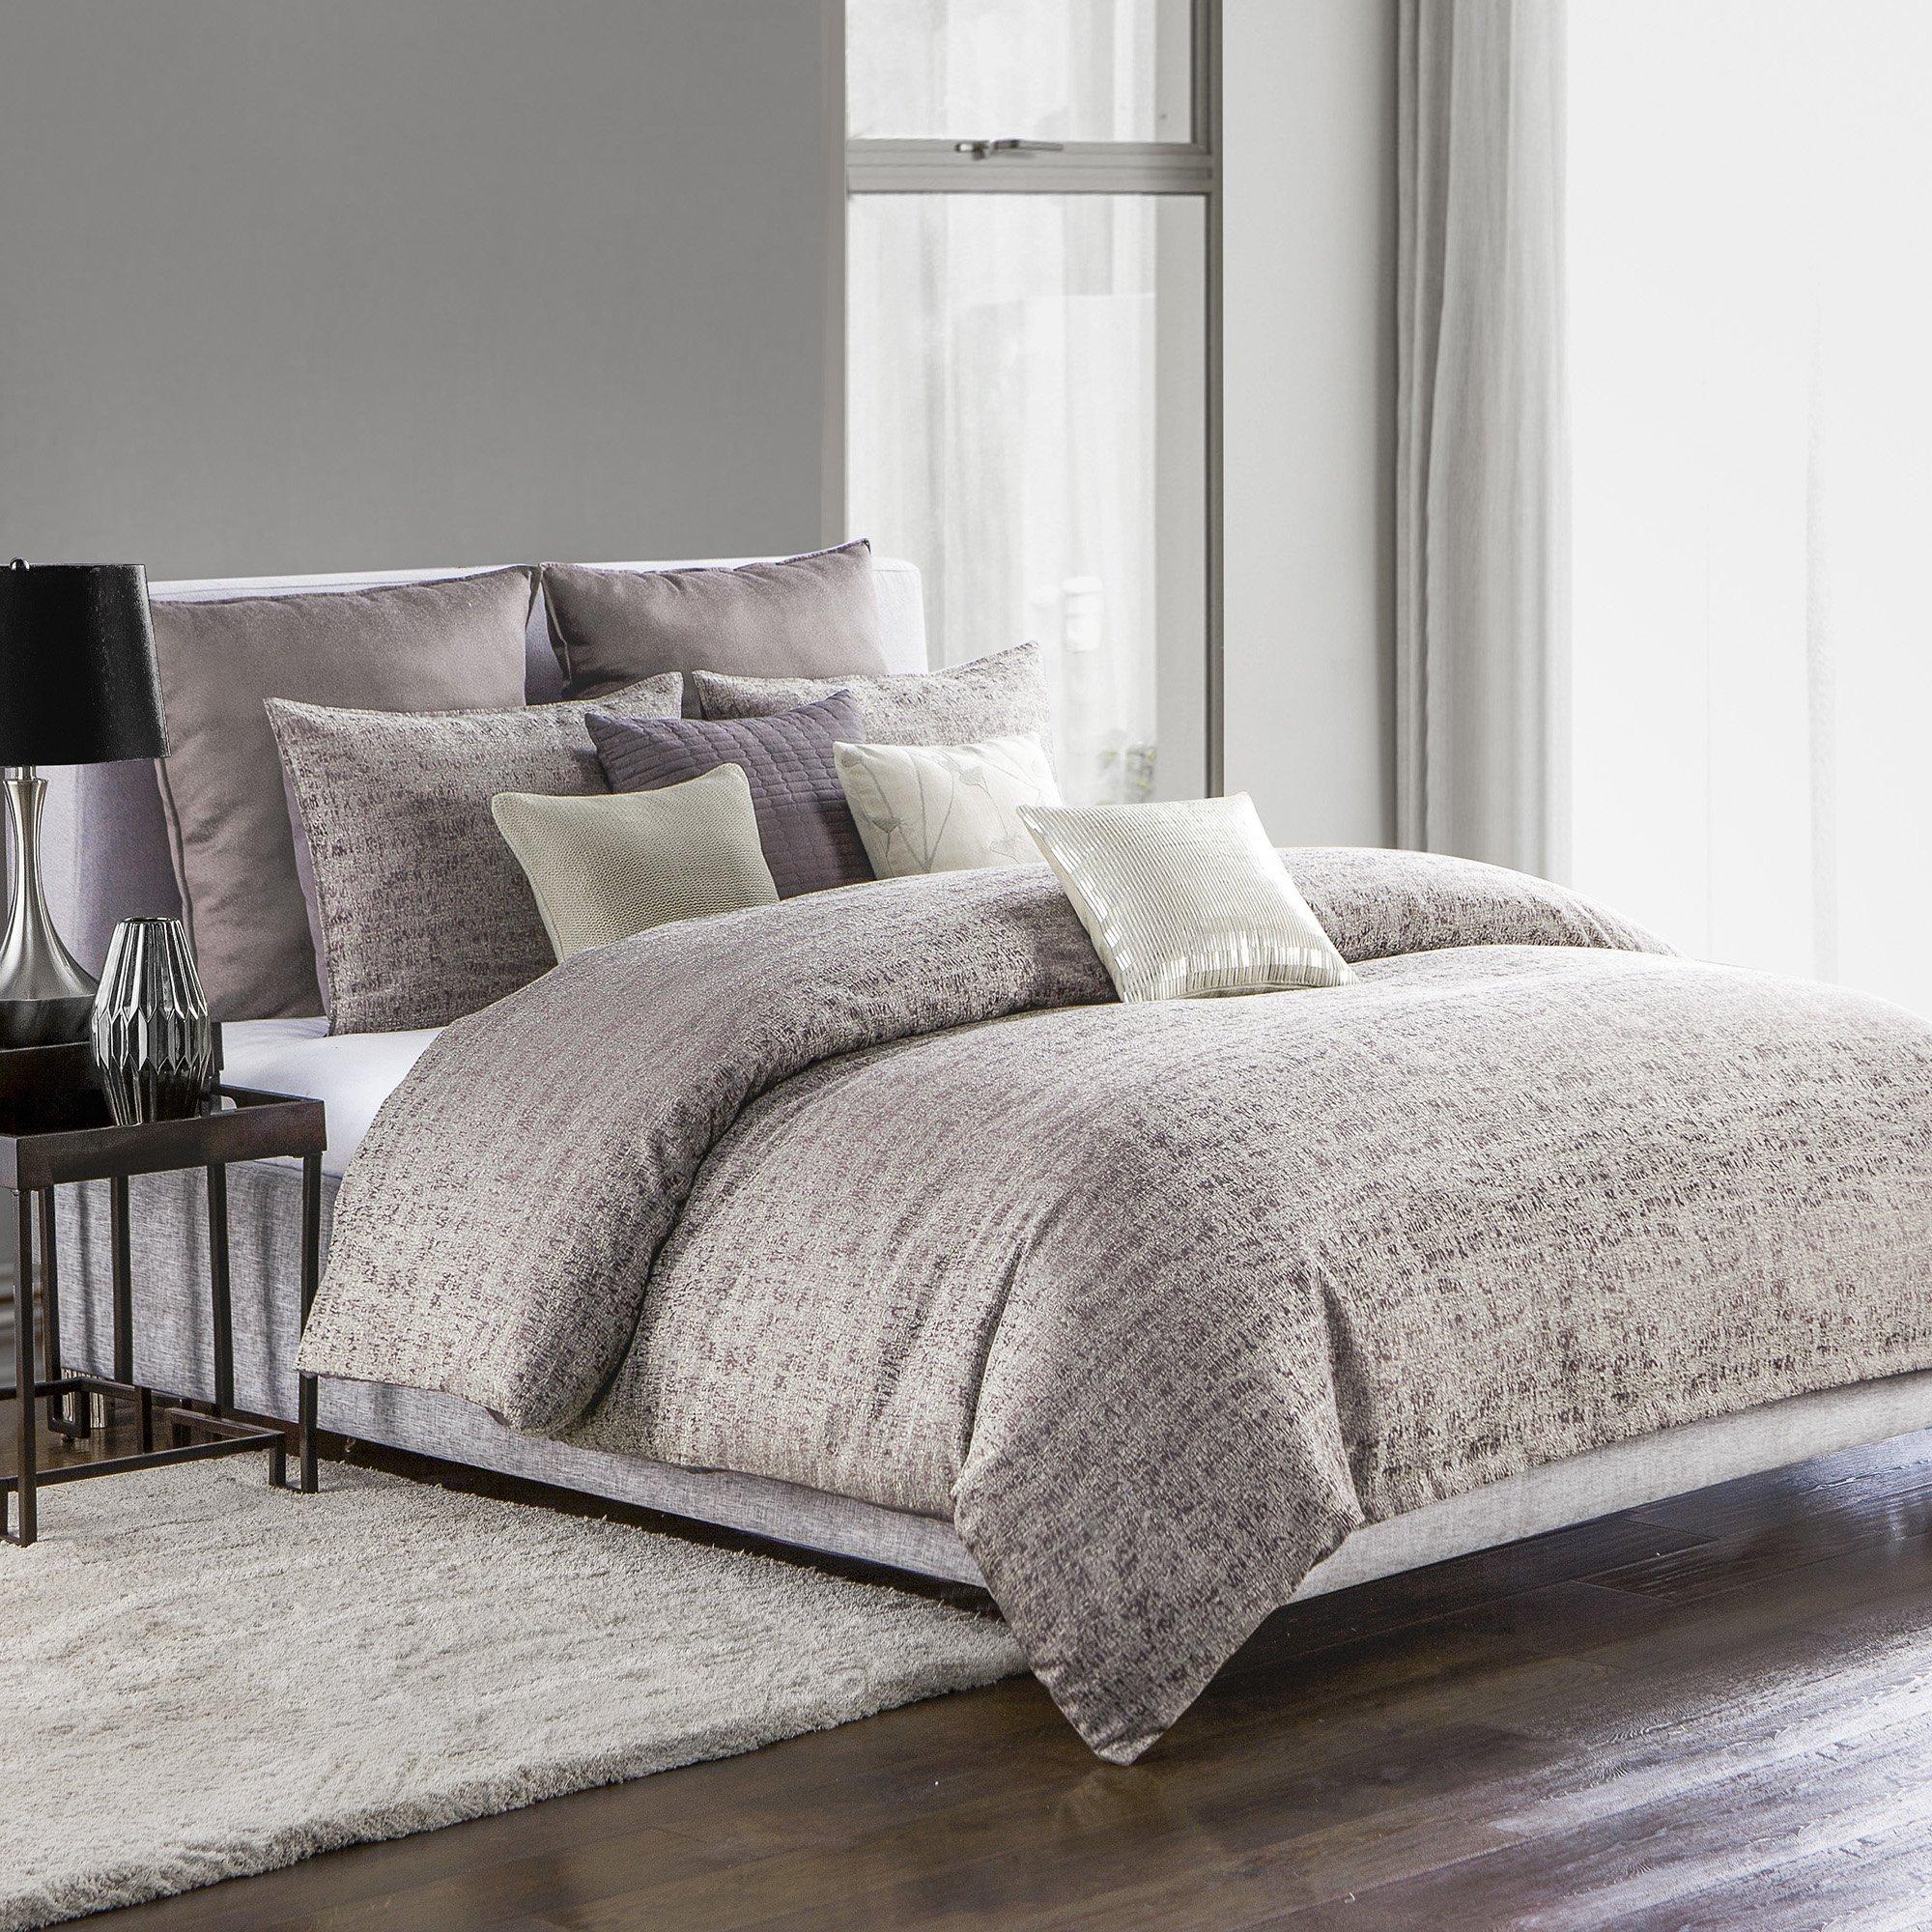 Driftwood Comforter Set Comforter sets, Highline bedding